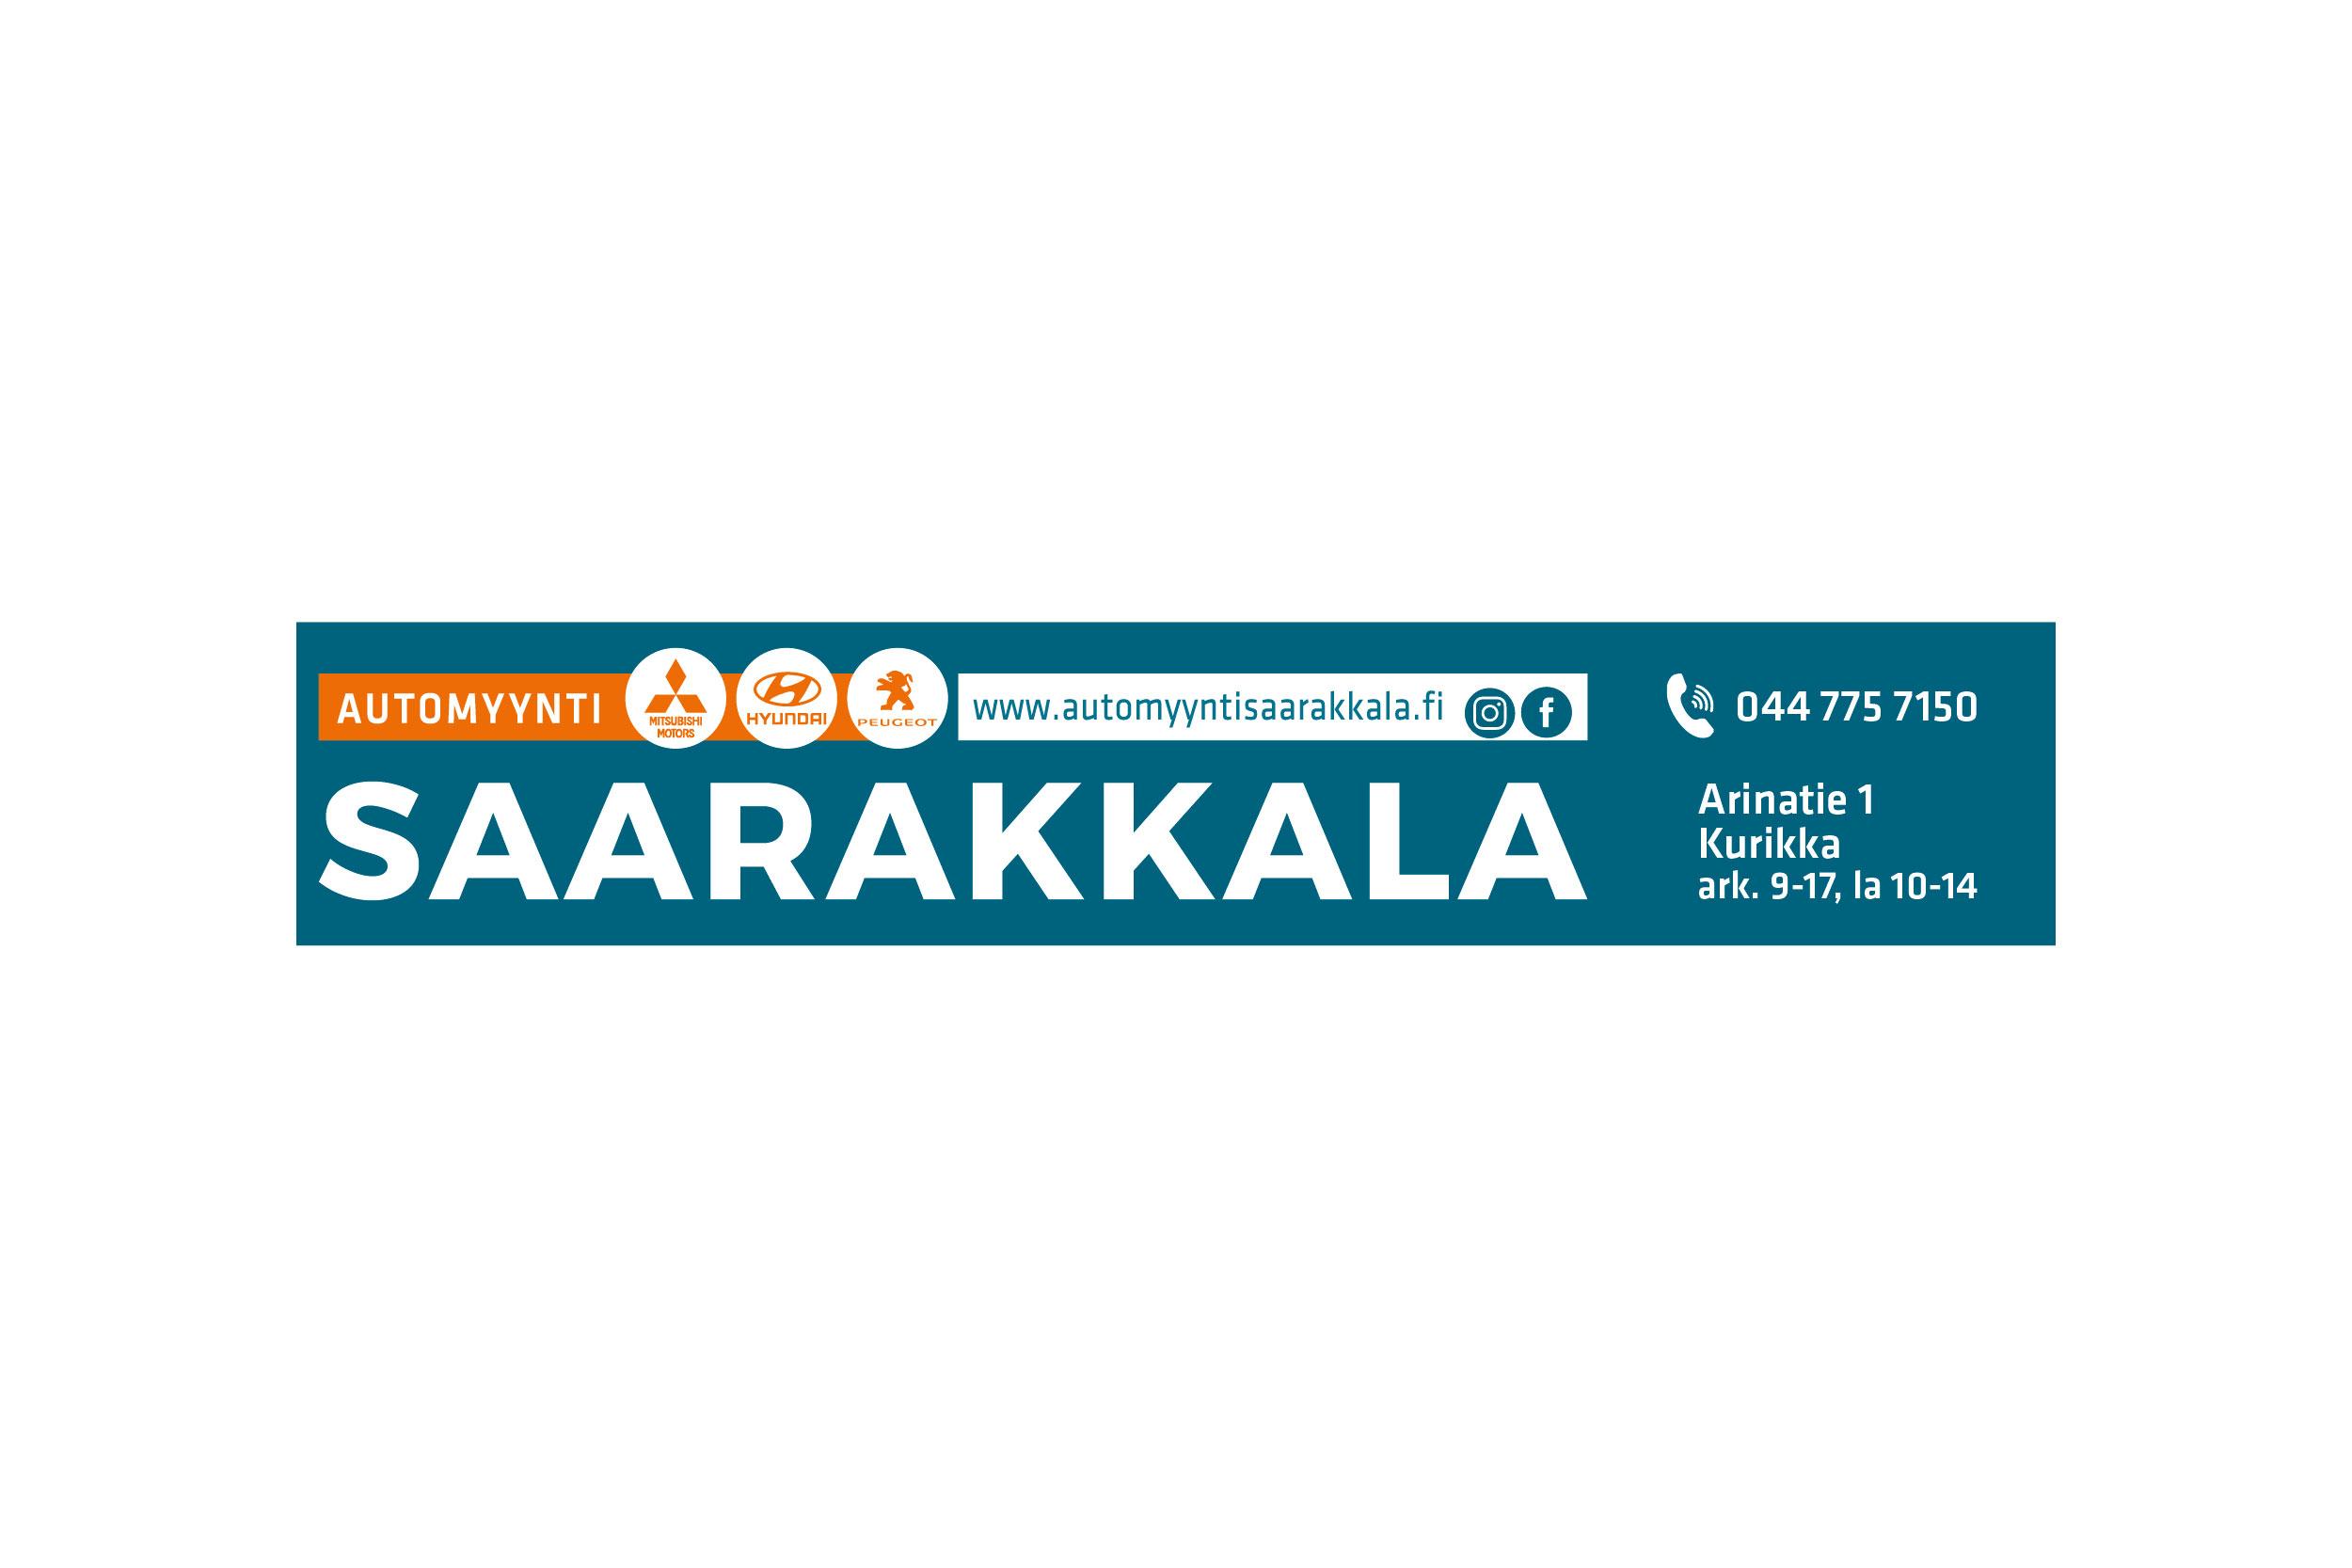 Automyynti Saarakkala logo